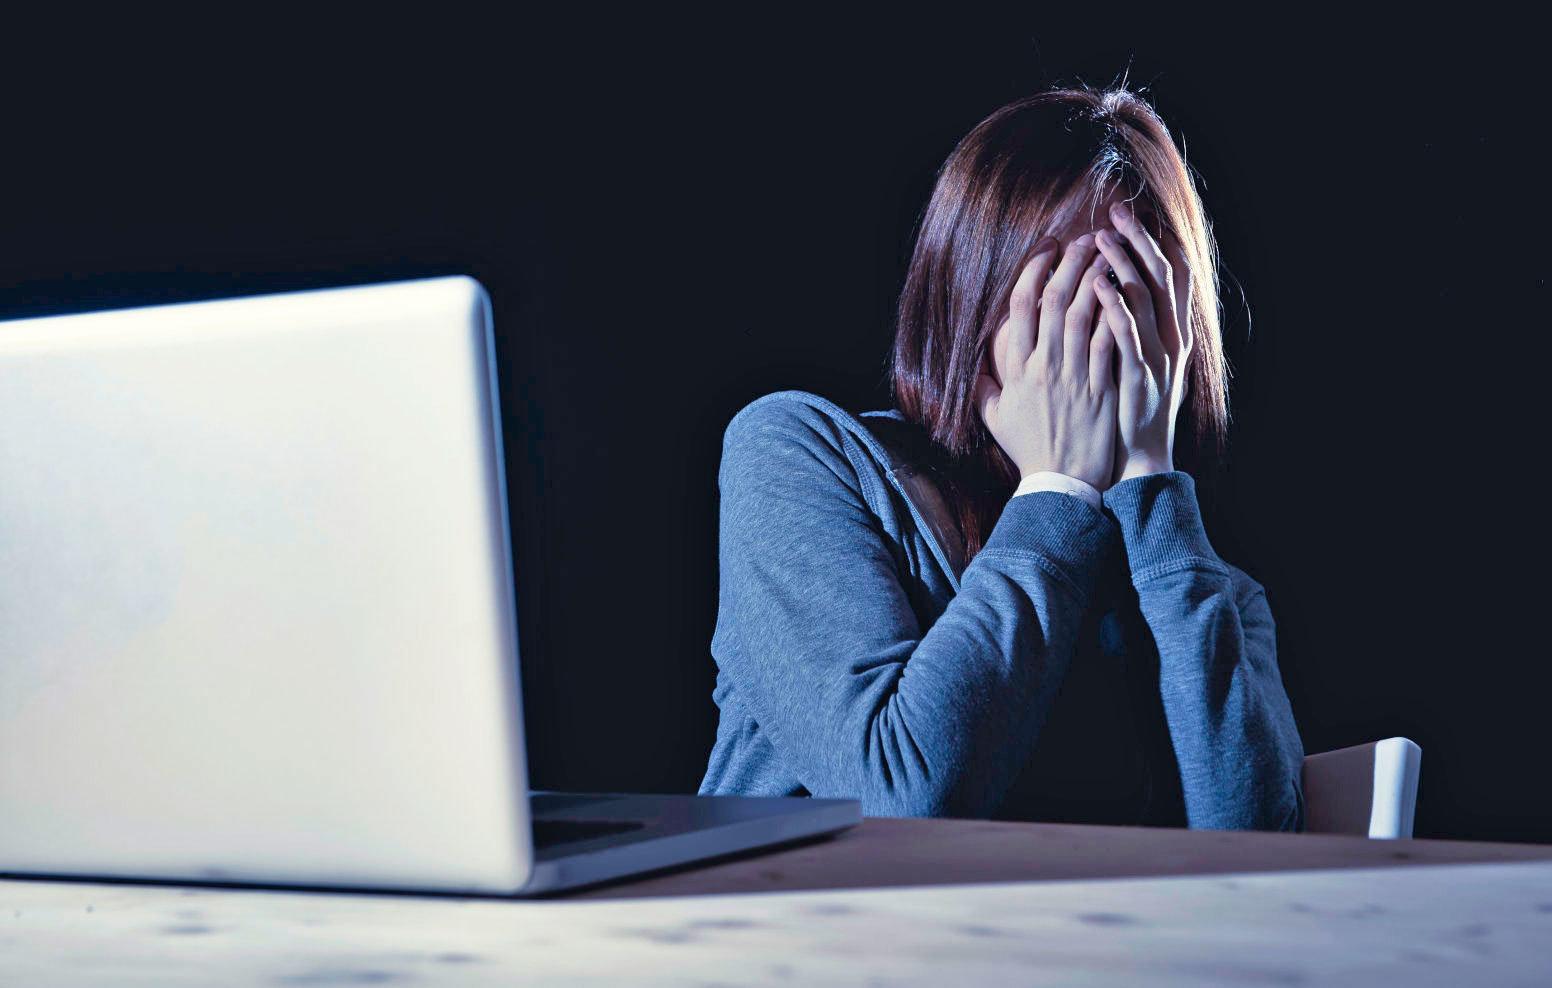 Hărțuirea şi violența ONLINE inclusă în CODUL PENAL